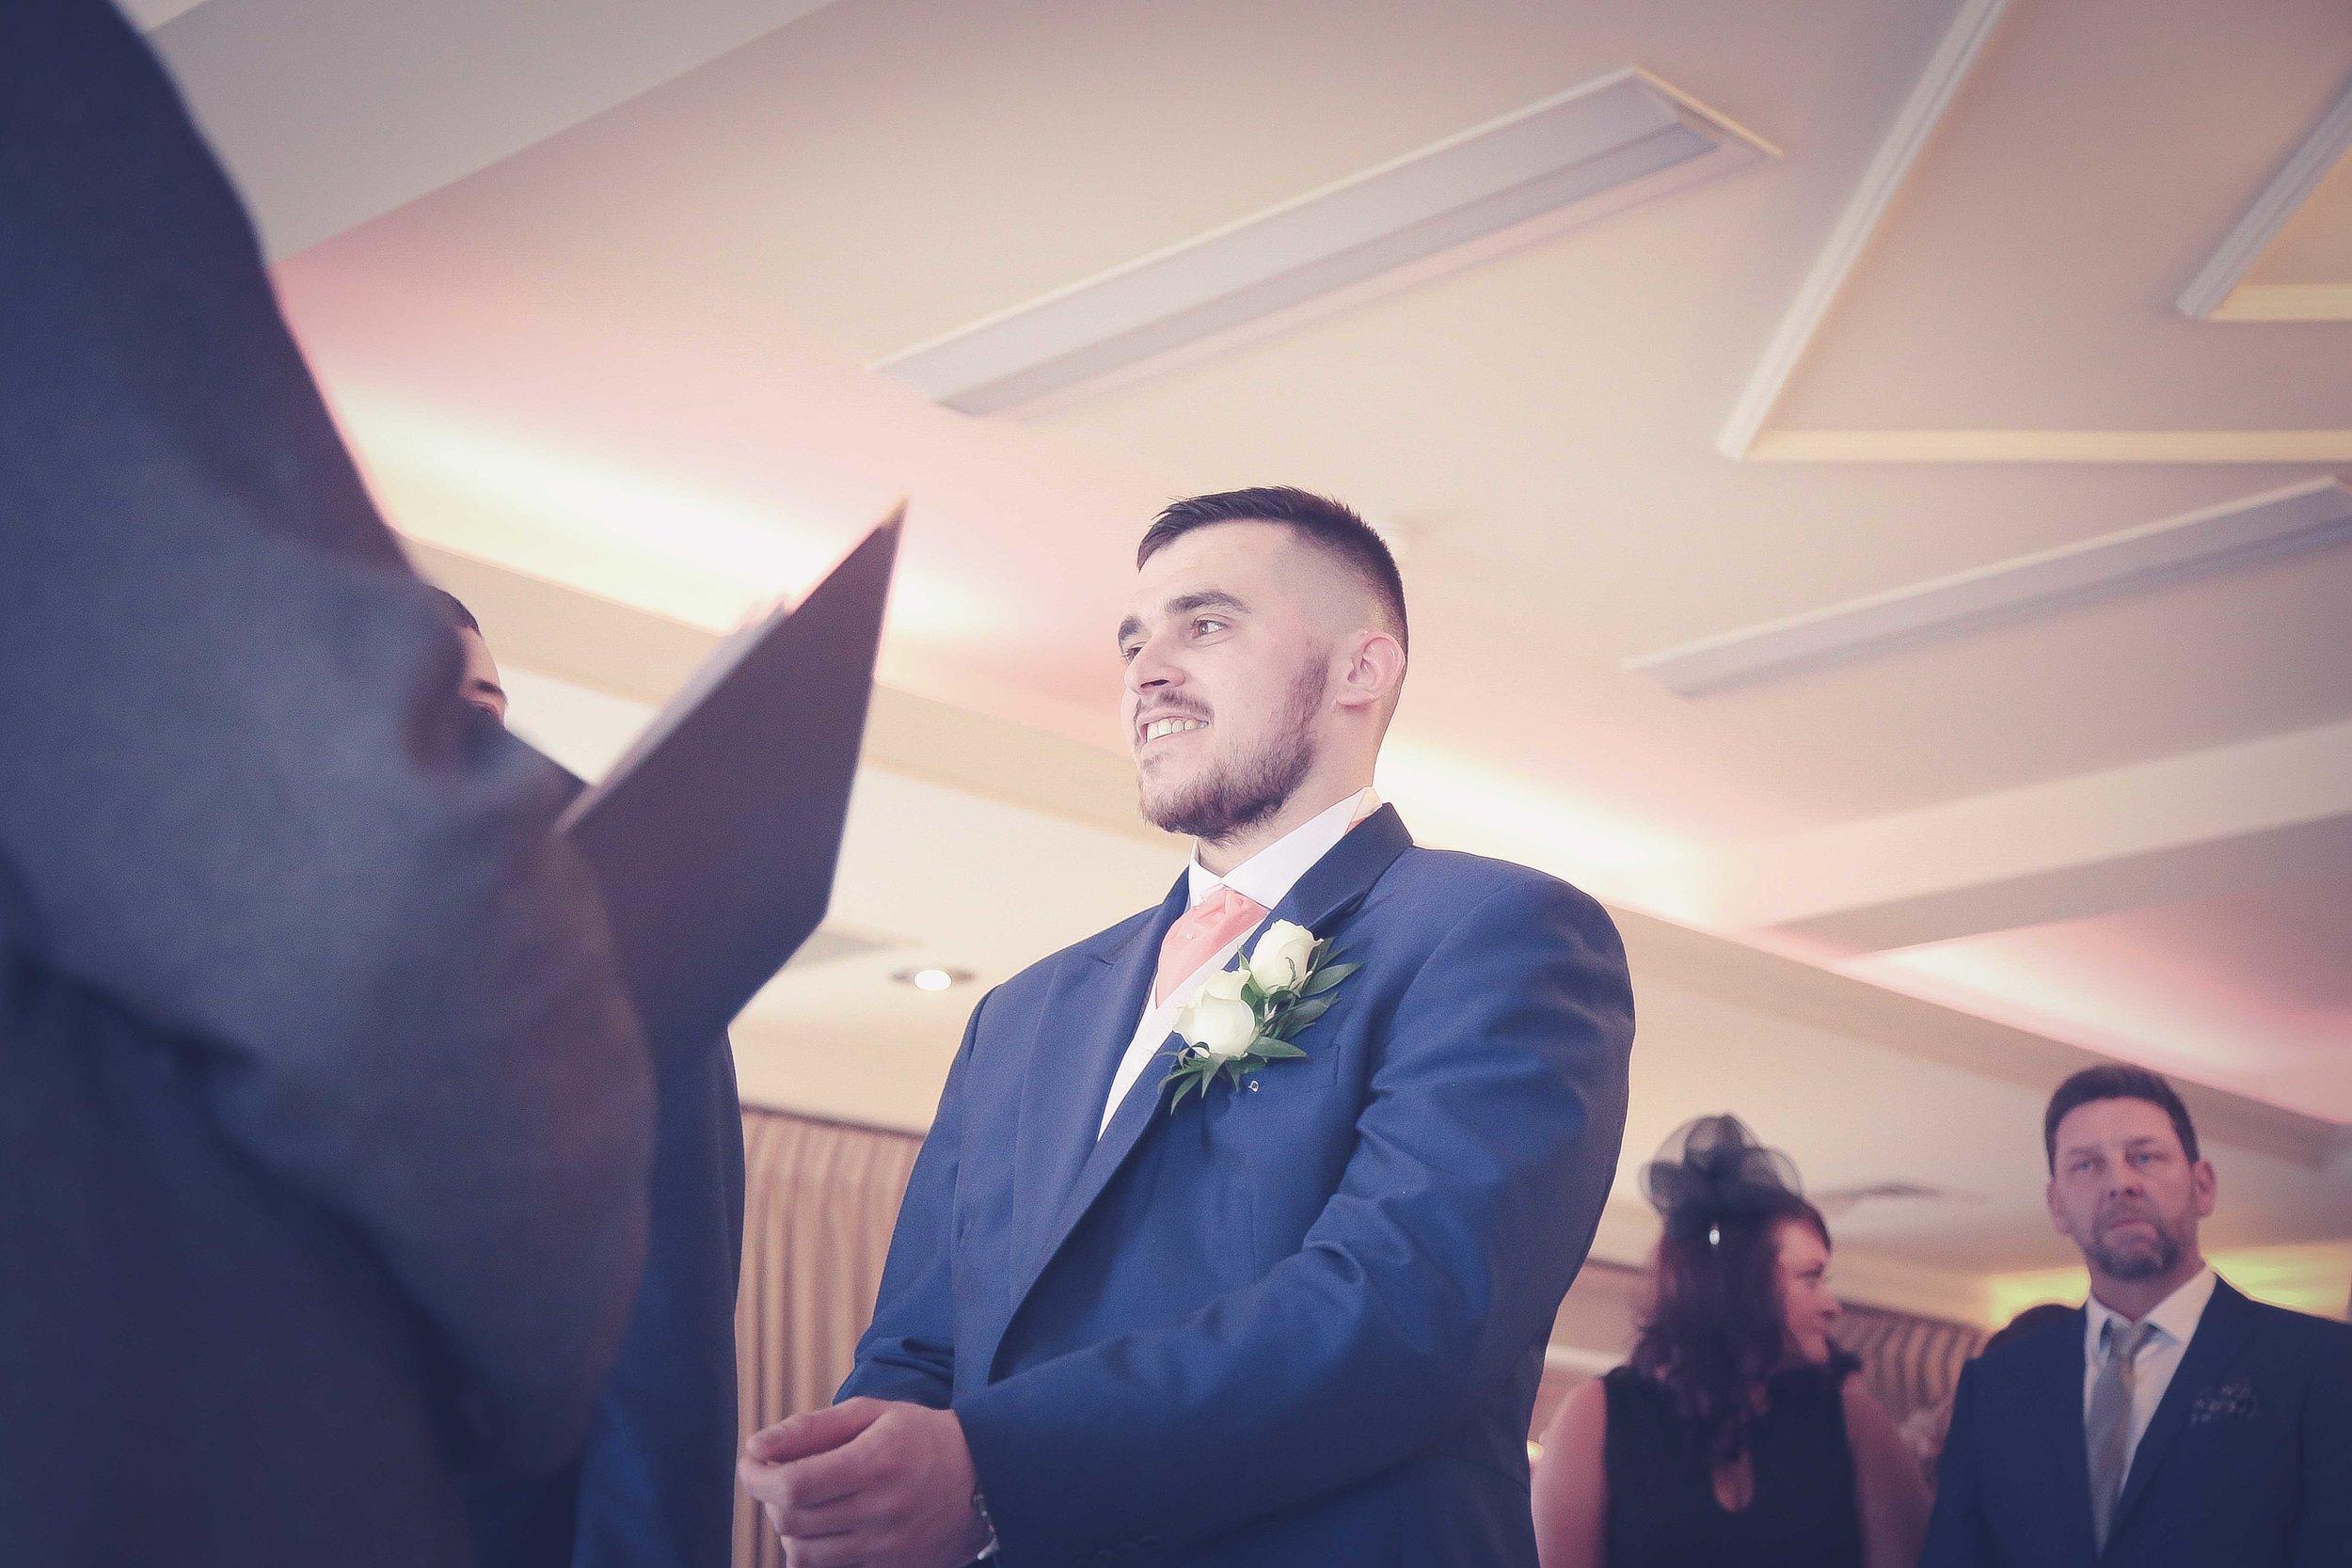 Cheshire wedding photographers-1-20.jpg